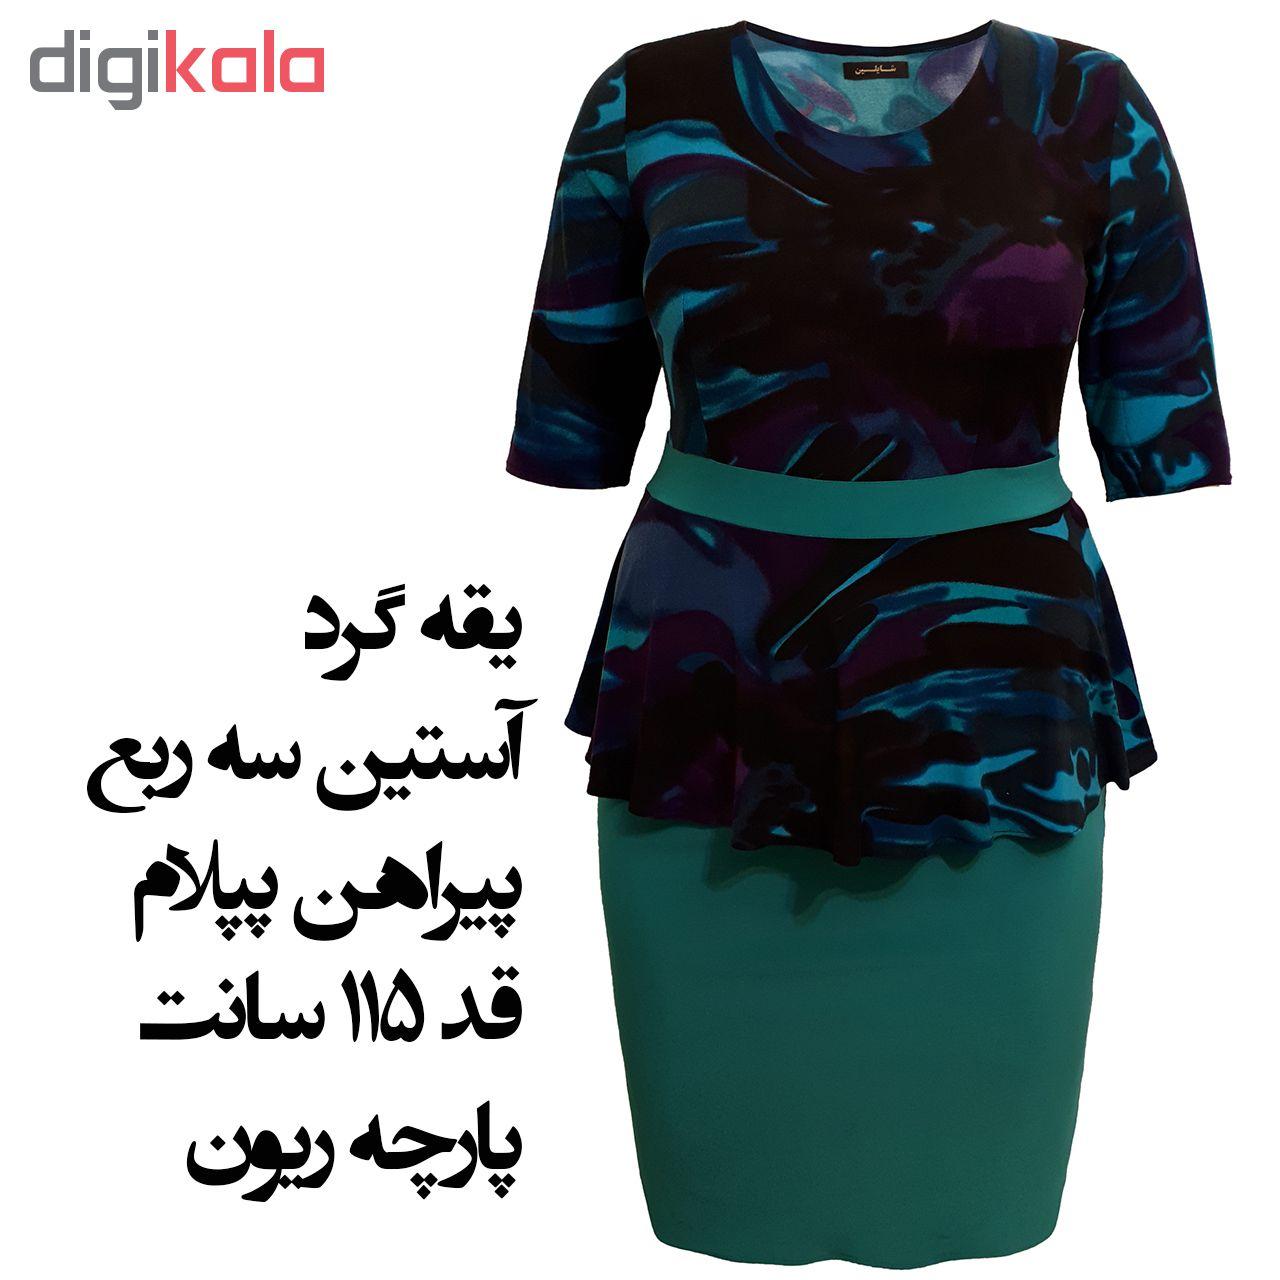 پیراهن زنانه شایلین مدل 1032